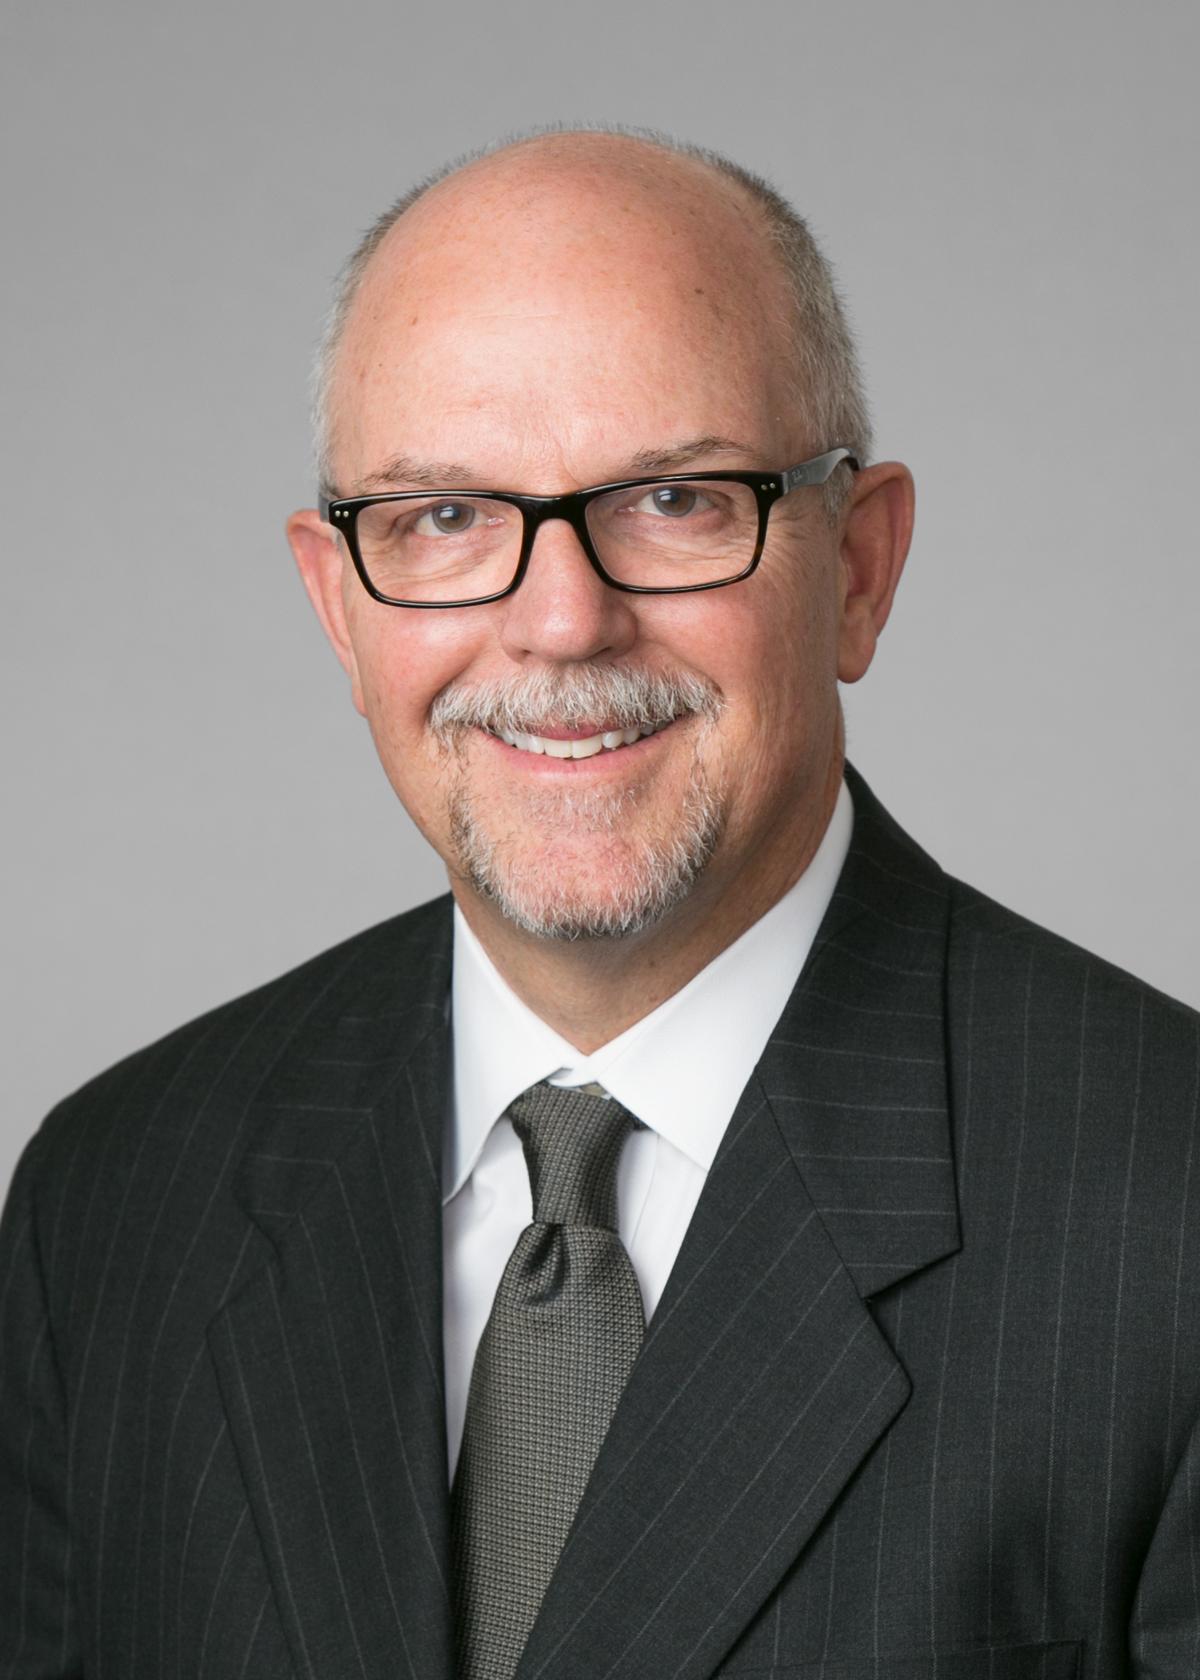 John Echols  Partner, Opportune